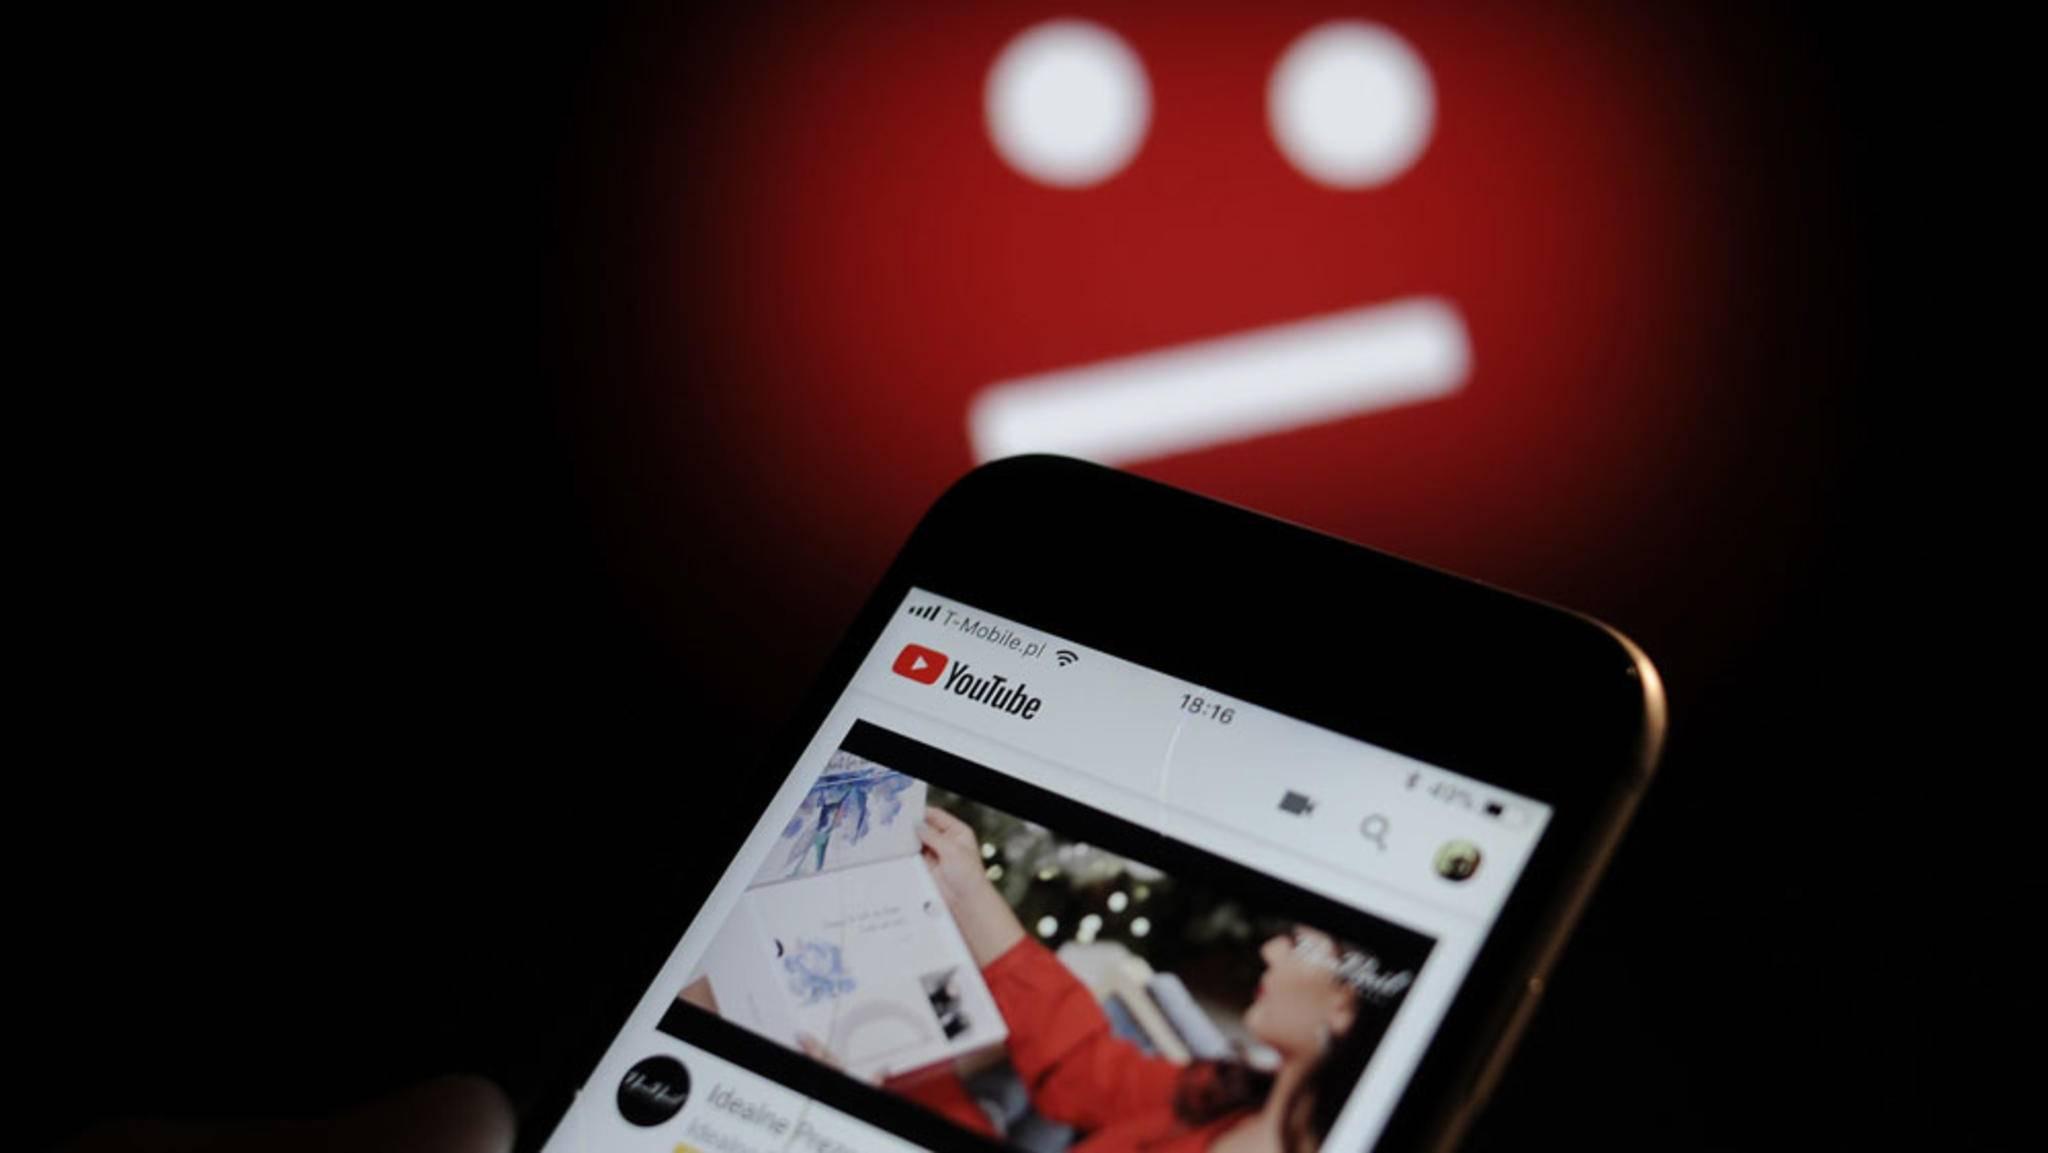 Künftig musst Du auf YouTube mehr Zeit einplanen – allein für das Anschauen von Werbung.